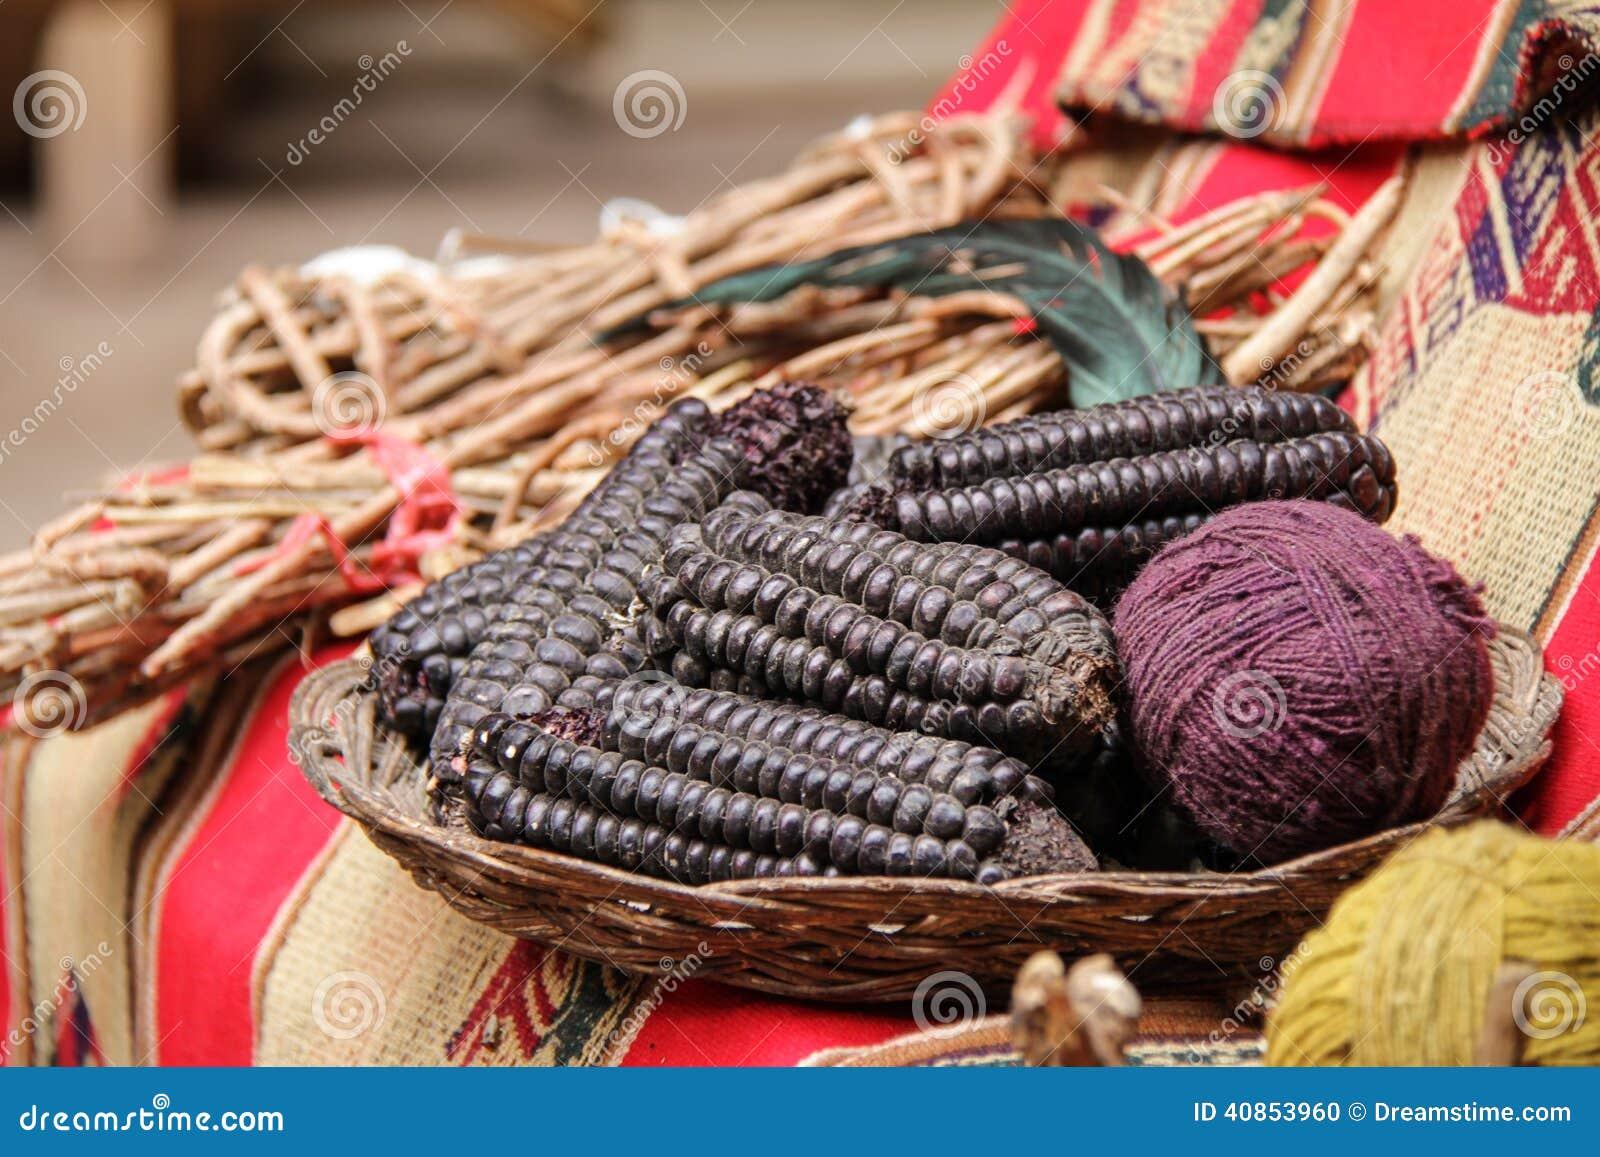 Πορφυρή χρήση αραβόσιτου ως φυσικές χρωστικές ουσίες